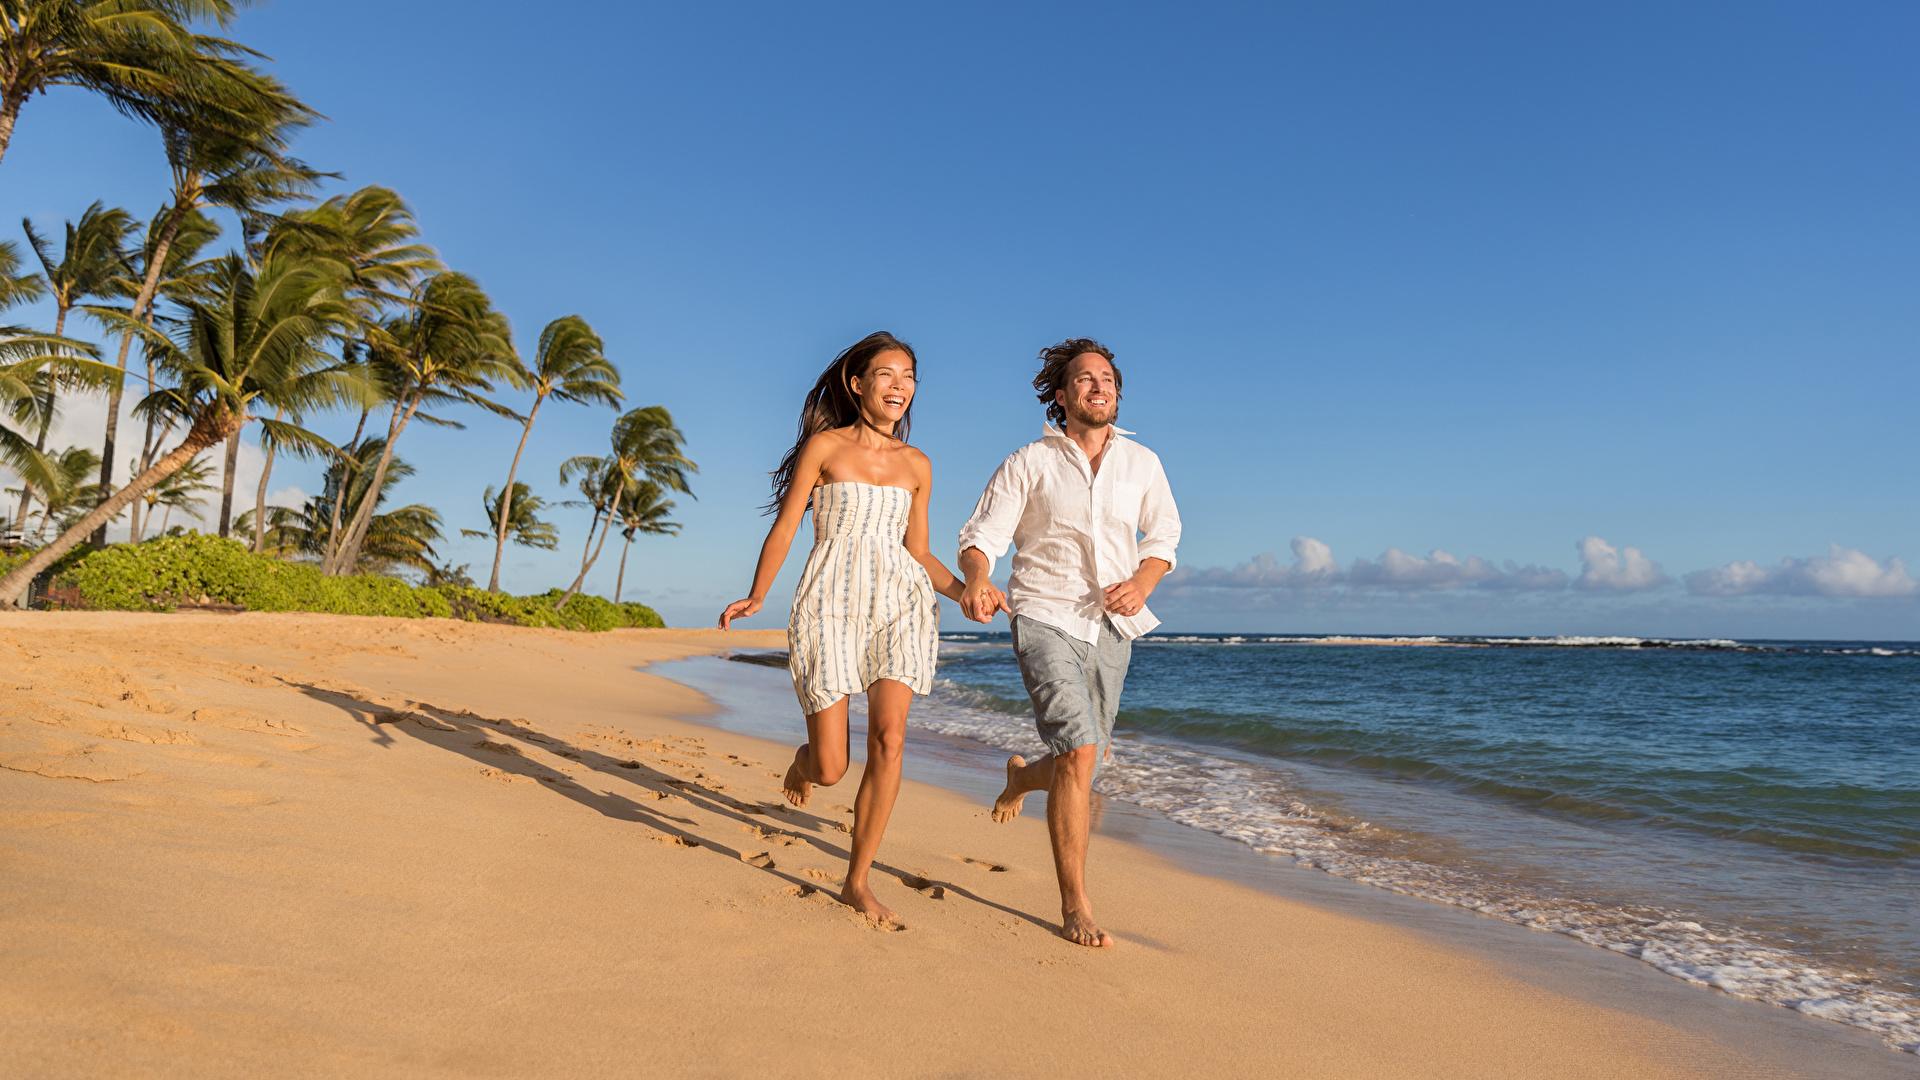 Bilder von Braunhaarige Mann Laufen Freude Zwei Liebe Mädchens Küste Kleid 1920x1080 Braune Haare Lauf Laufsport Glücklich fröhliches fröhlicher glückliche glückliches glücklicher 2 junge frau junge Frauen